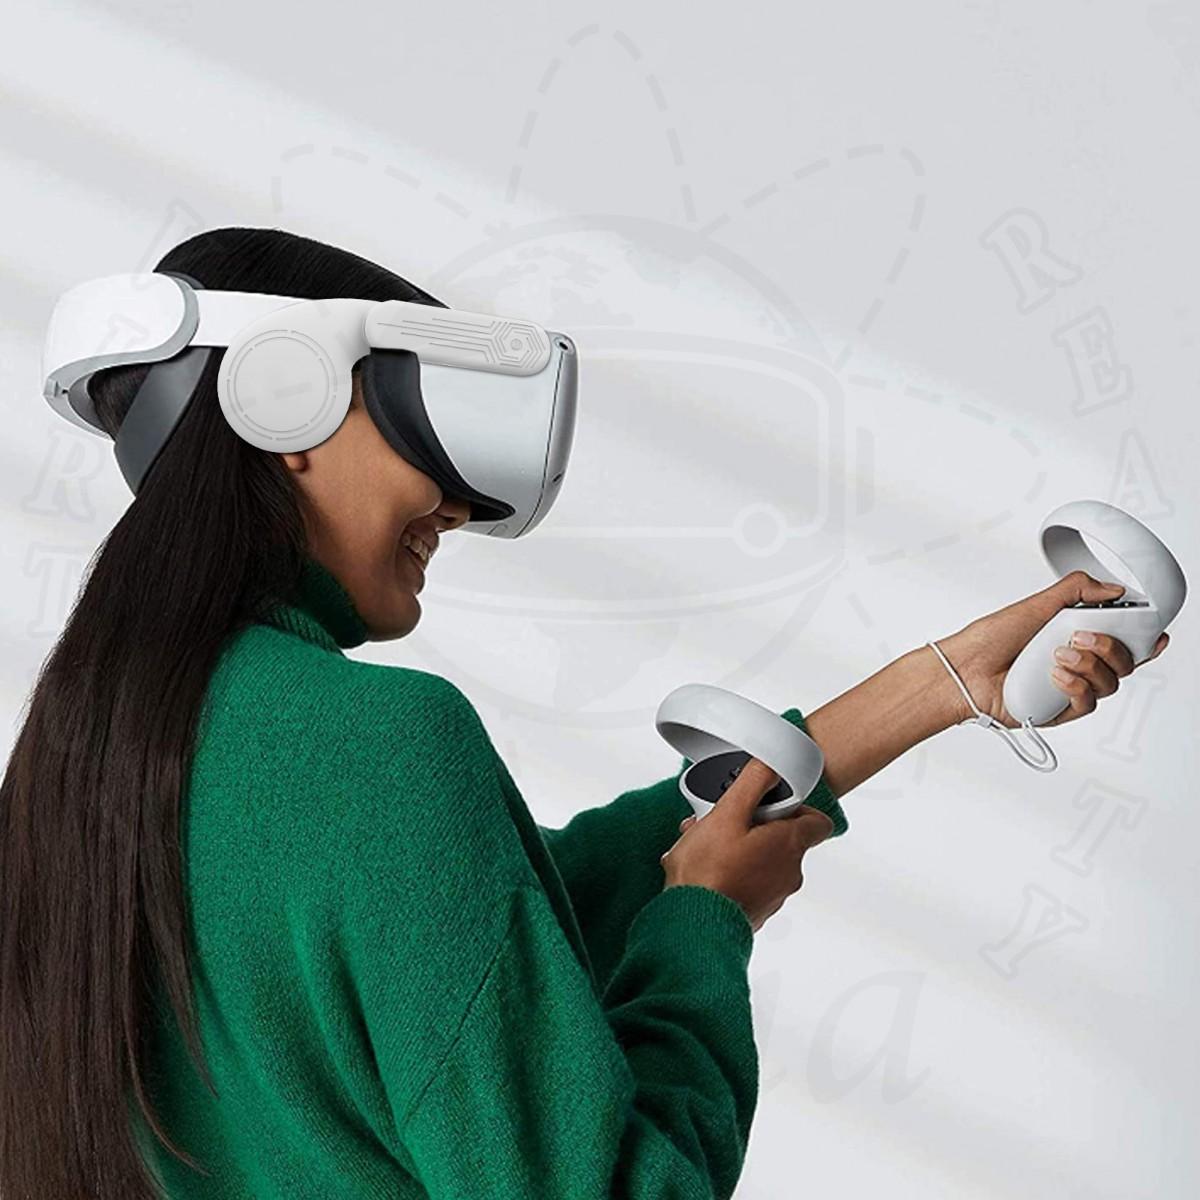 Силиконовая накладка на уши для Oculus Quest 2